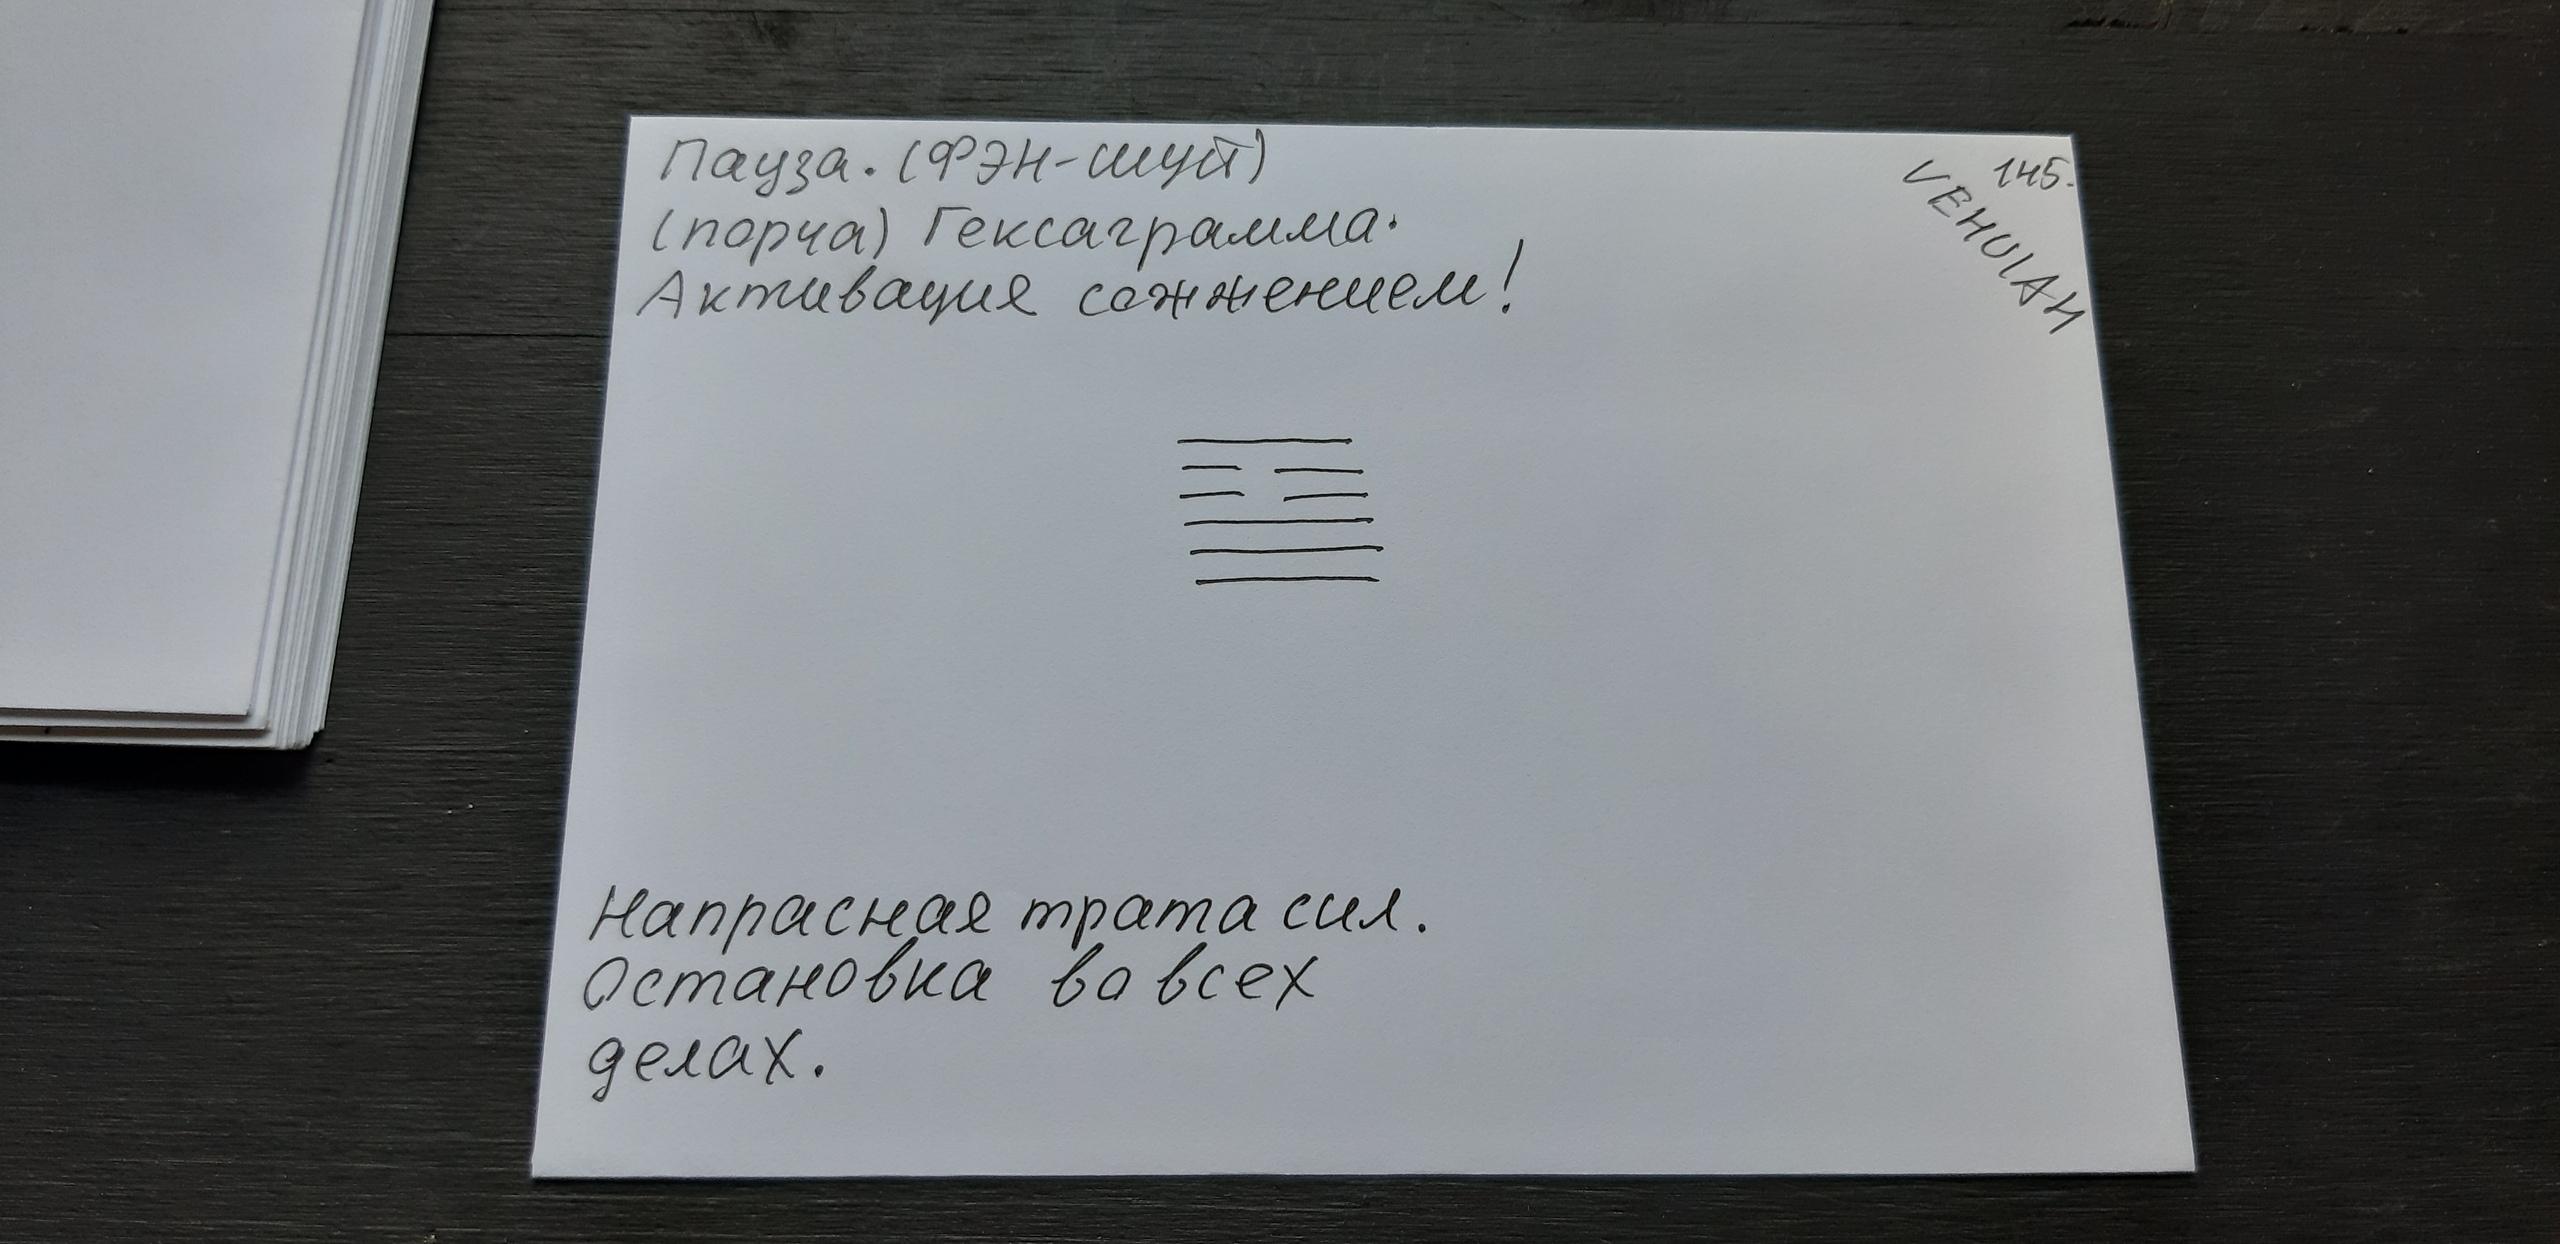 Конверты с магическими программами от Елены Руденко. Ставы, символы, руническая магия.  - Страница 3 NglG_vulr7I